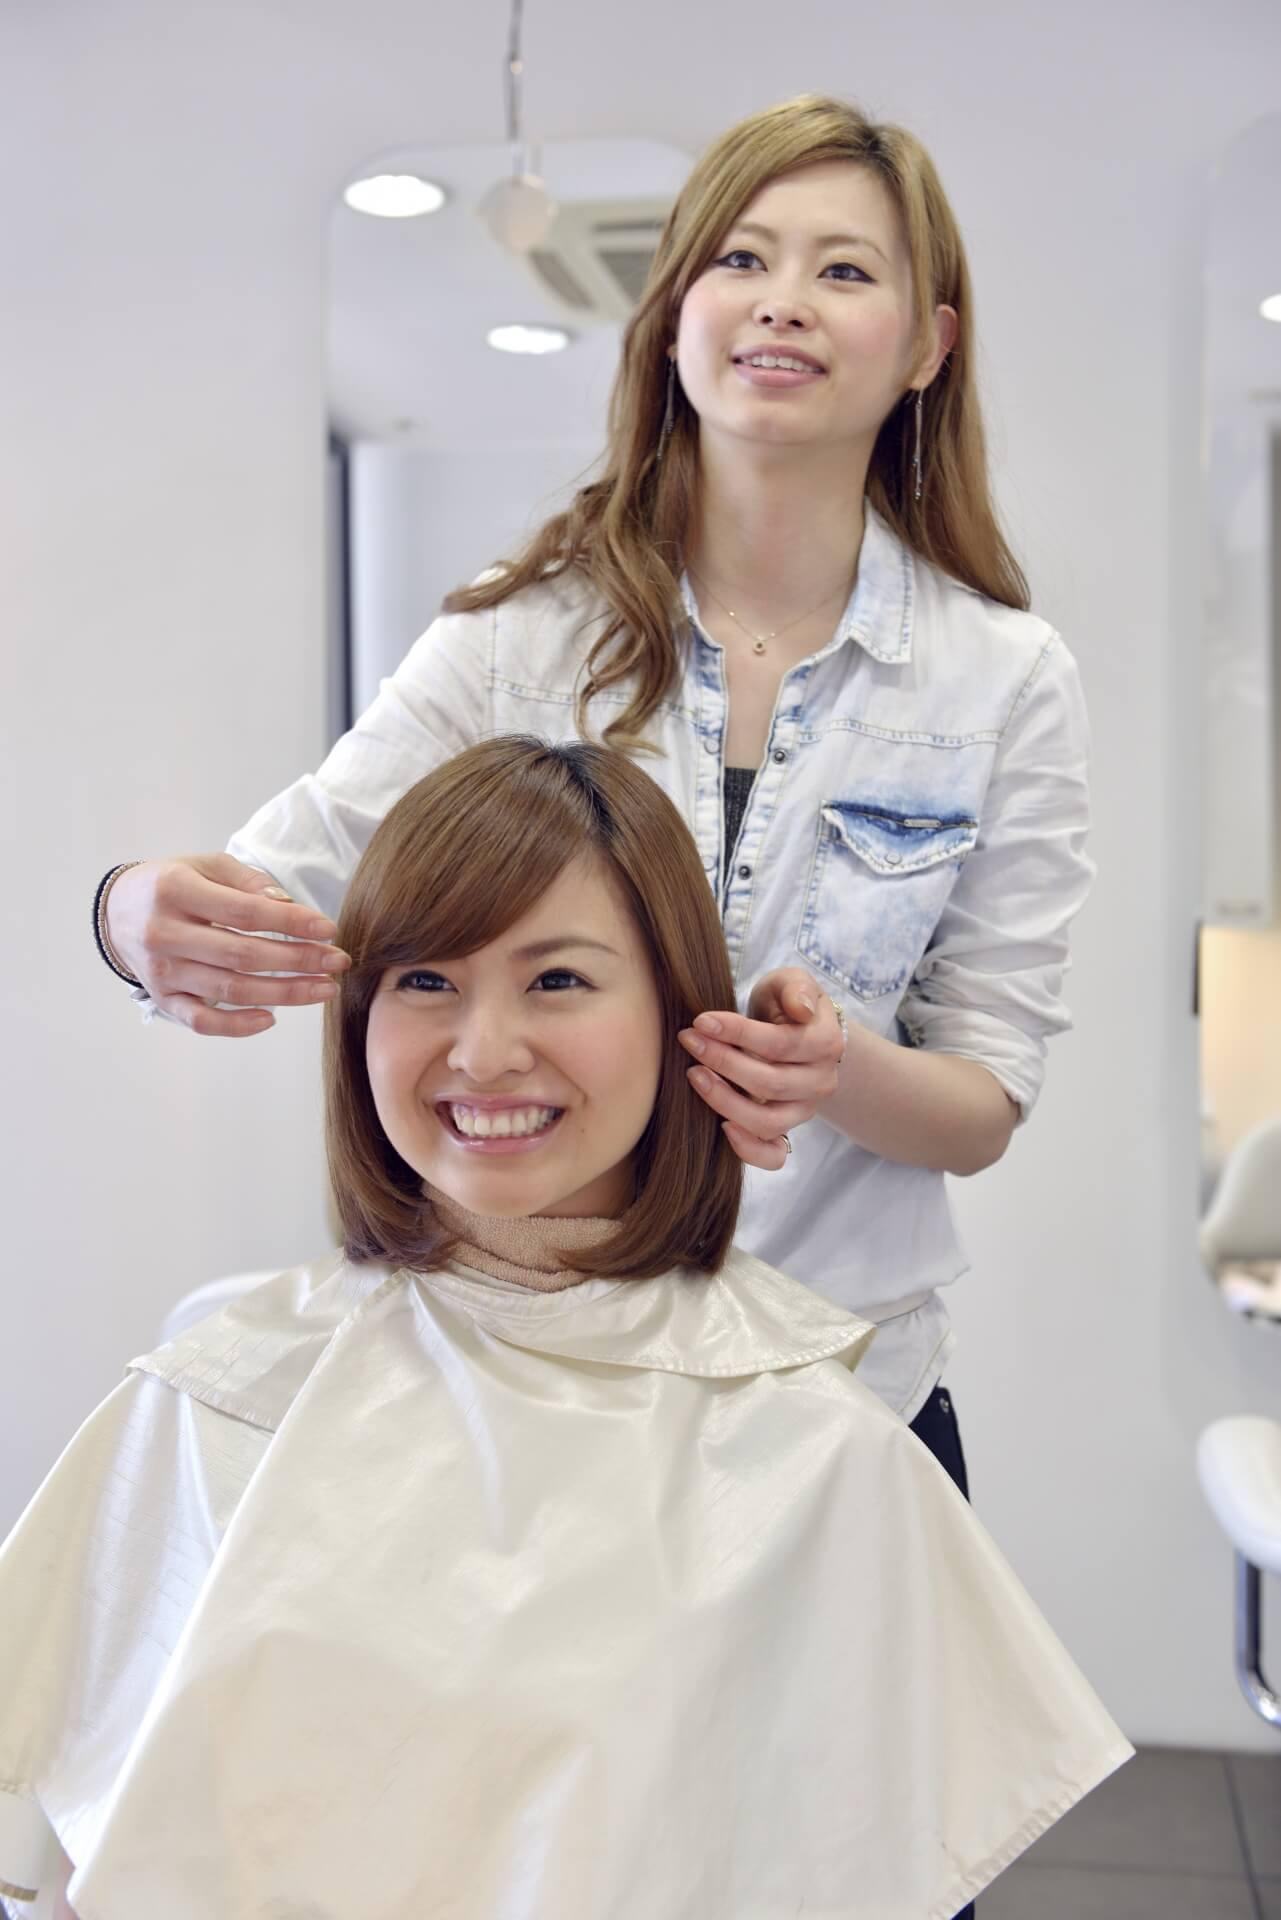 人材開発支援助成金活用例 特定訓練コース:雇用型訓練 美容室